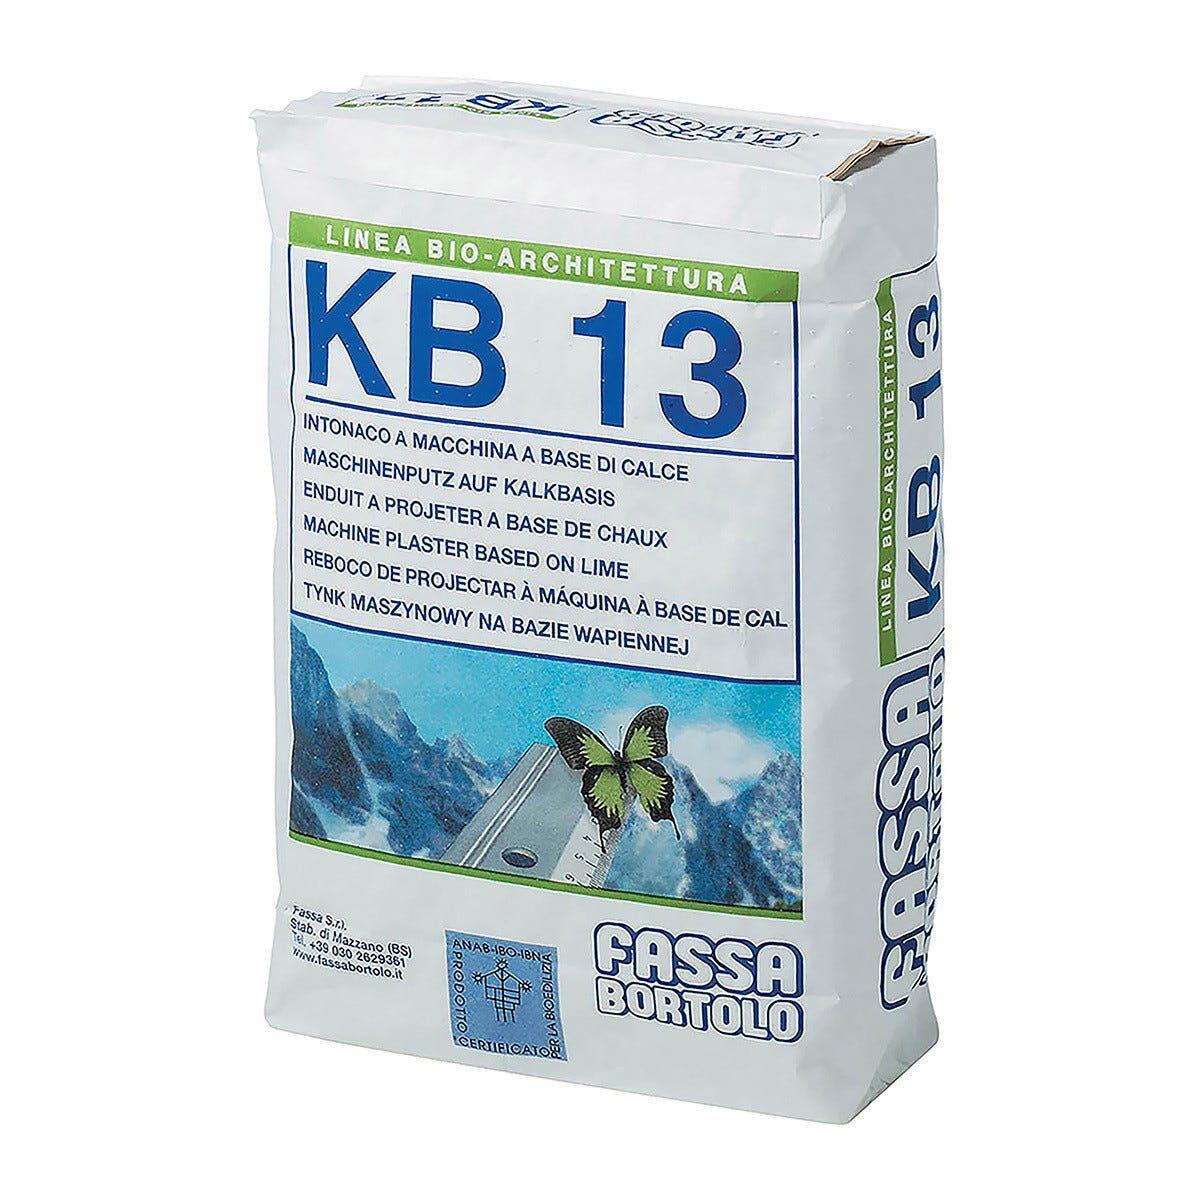 Bio-Intonaco Di Fondo Base Calce Kb13 Interni Ed Esterni 25 Kg Effetto Marmorino